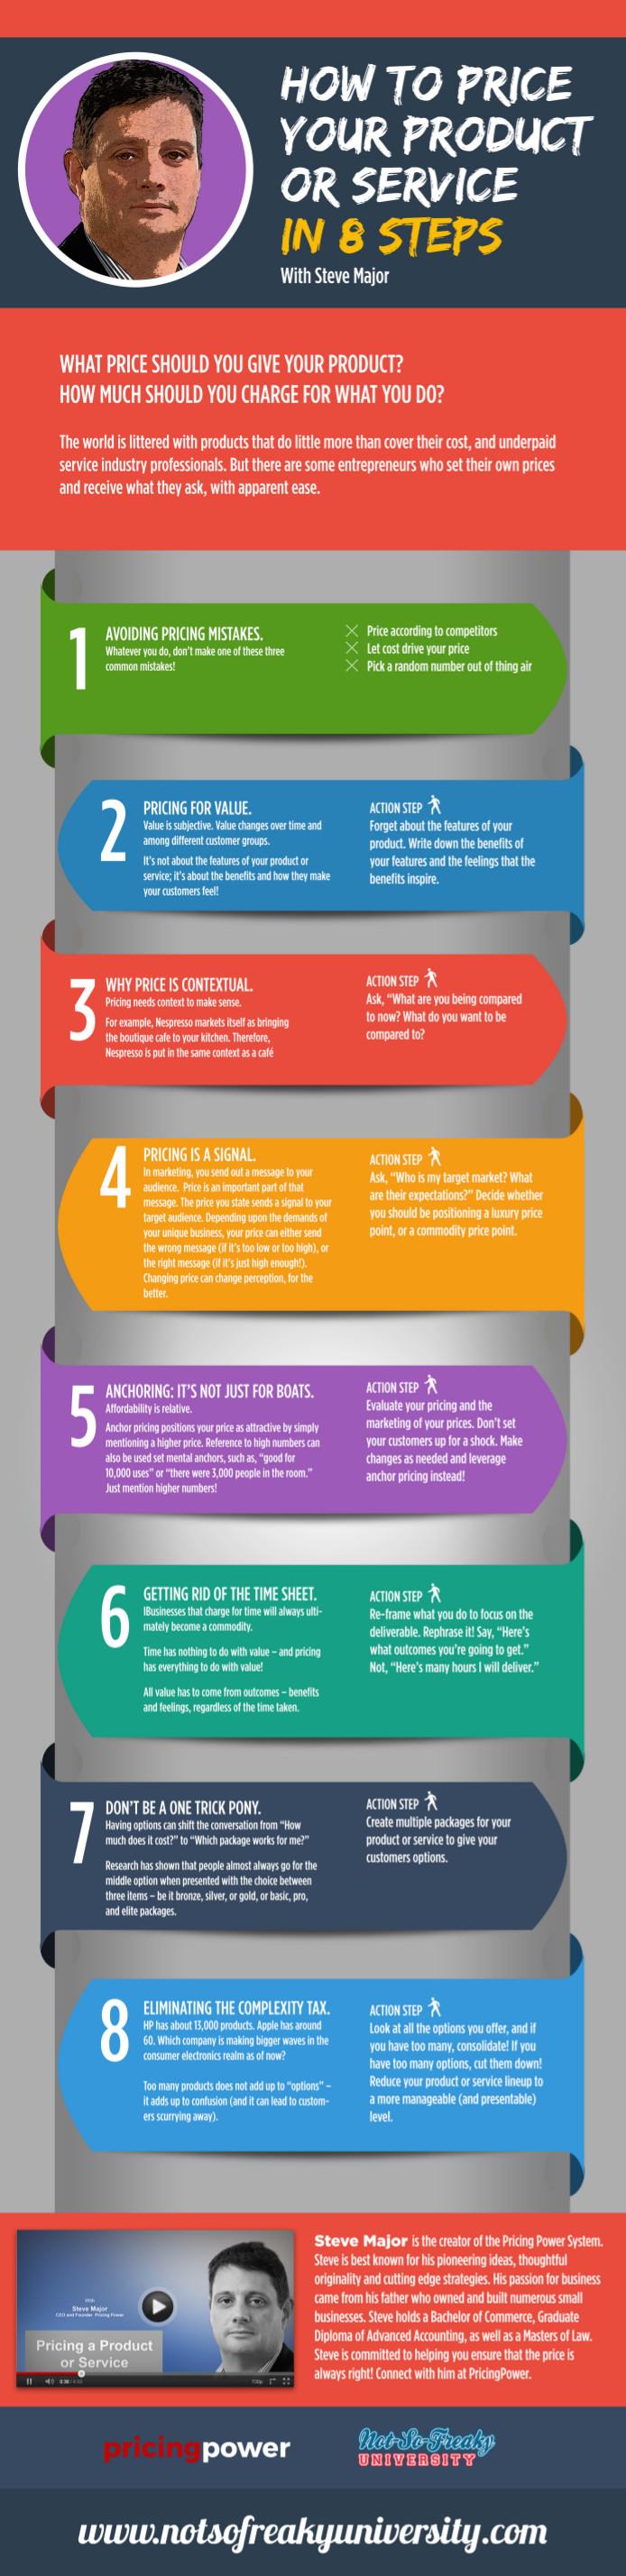 steve major infographic 03